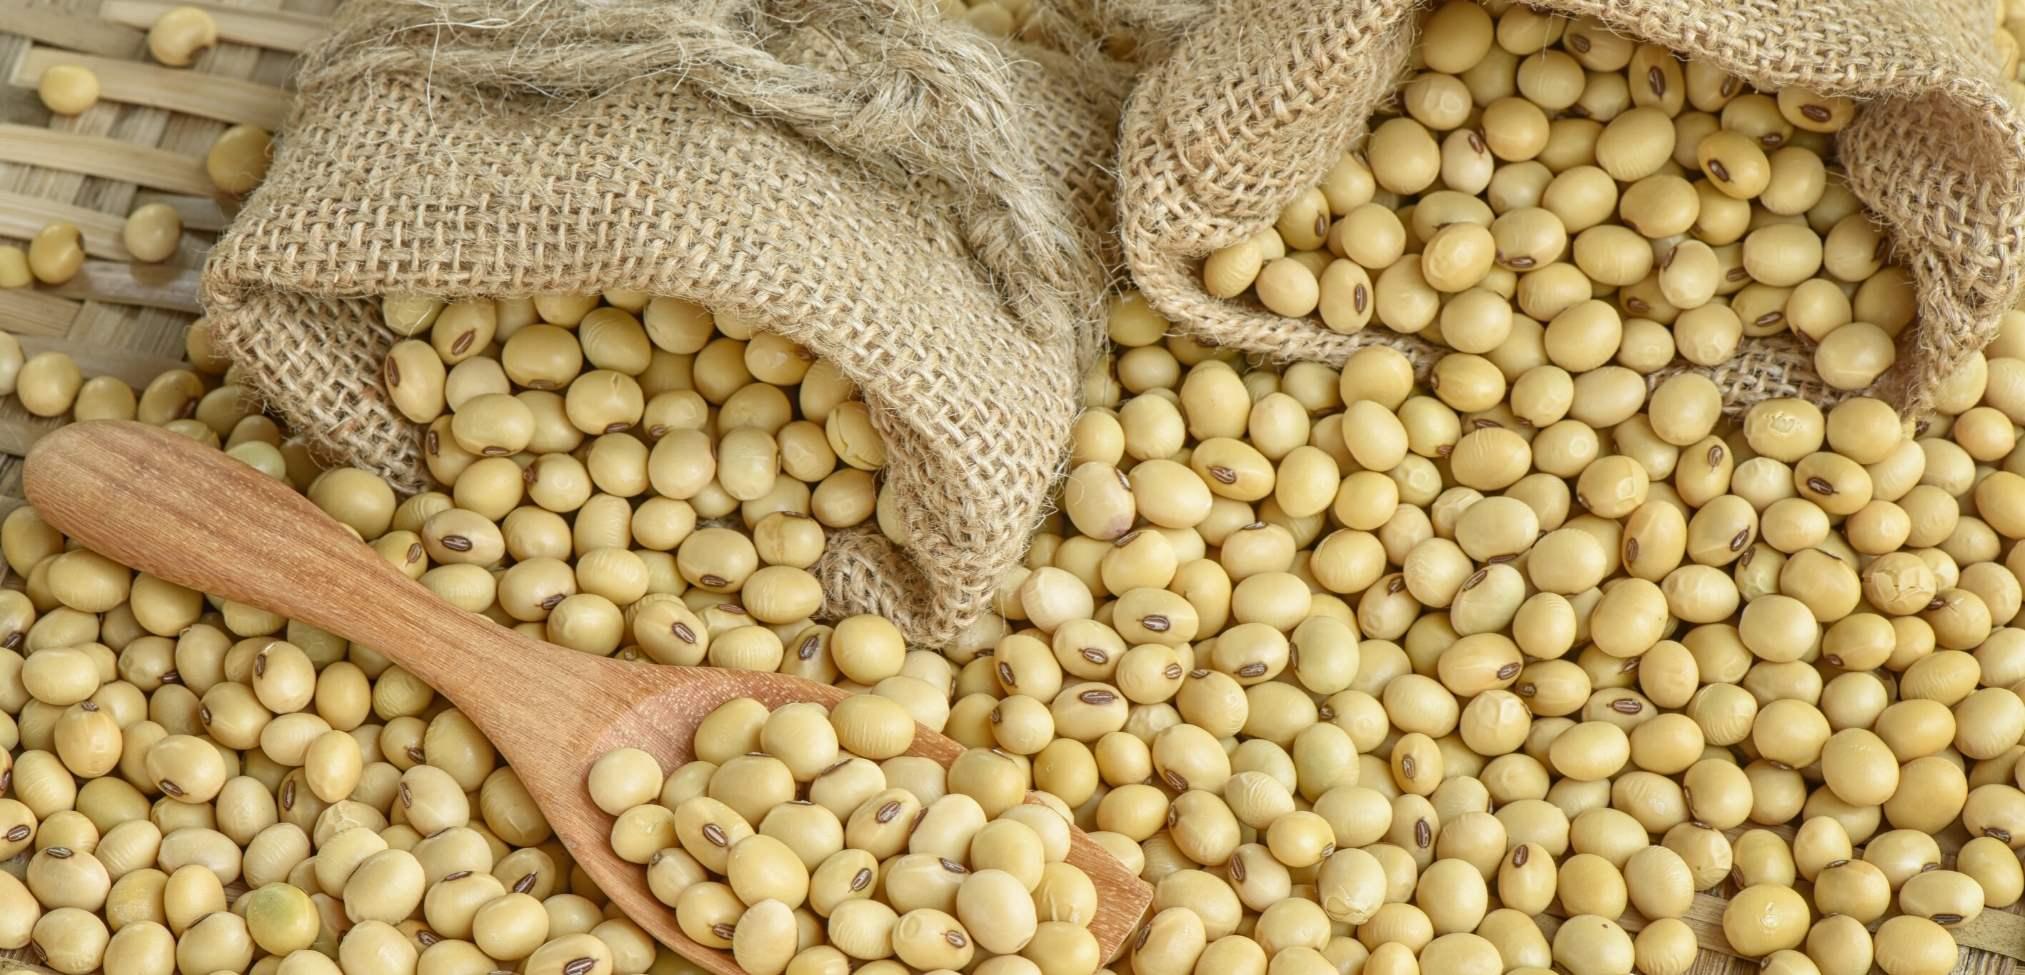 sojabønner voks duftverket